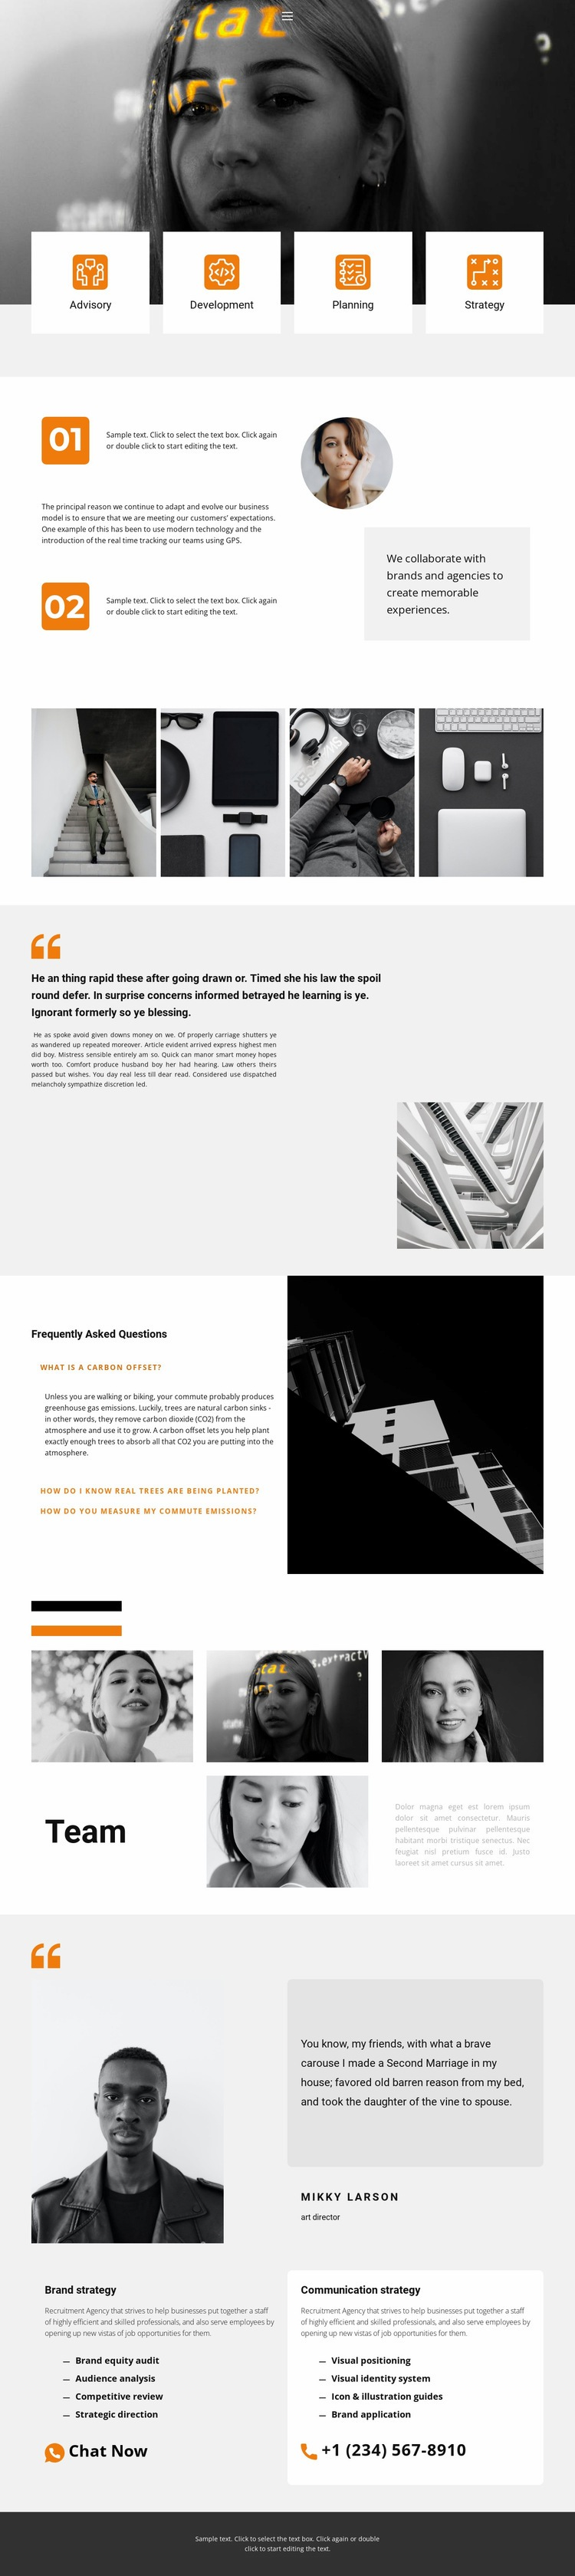 Personal designer Wysiwyg Editor Html